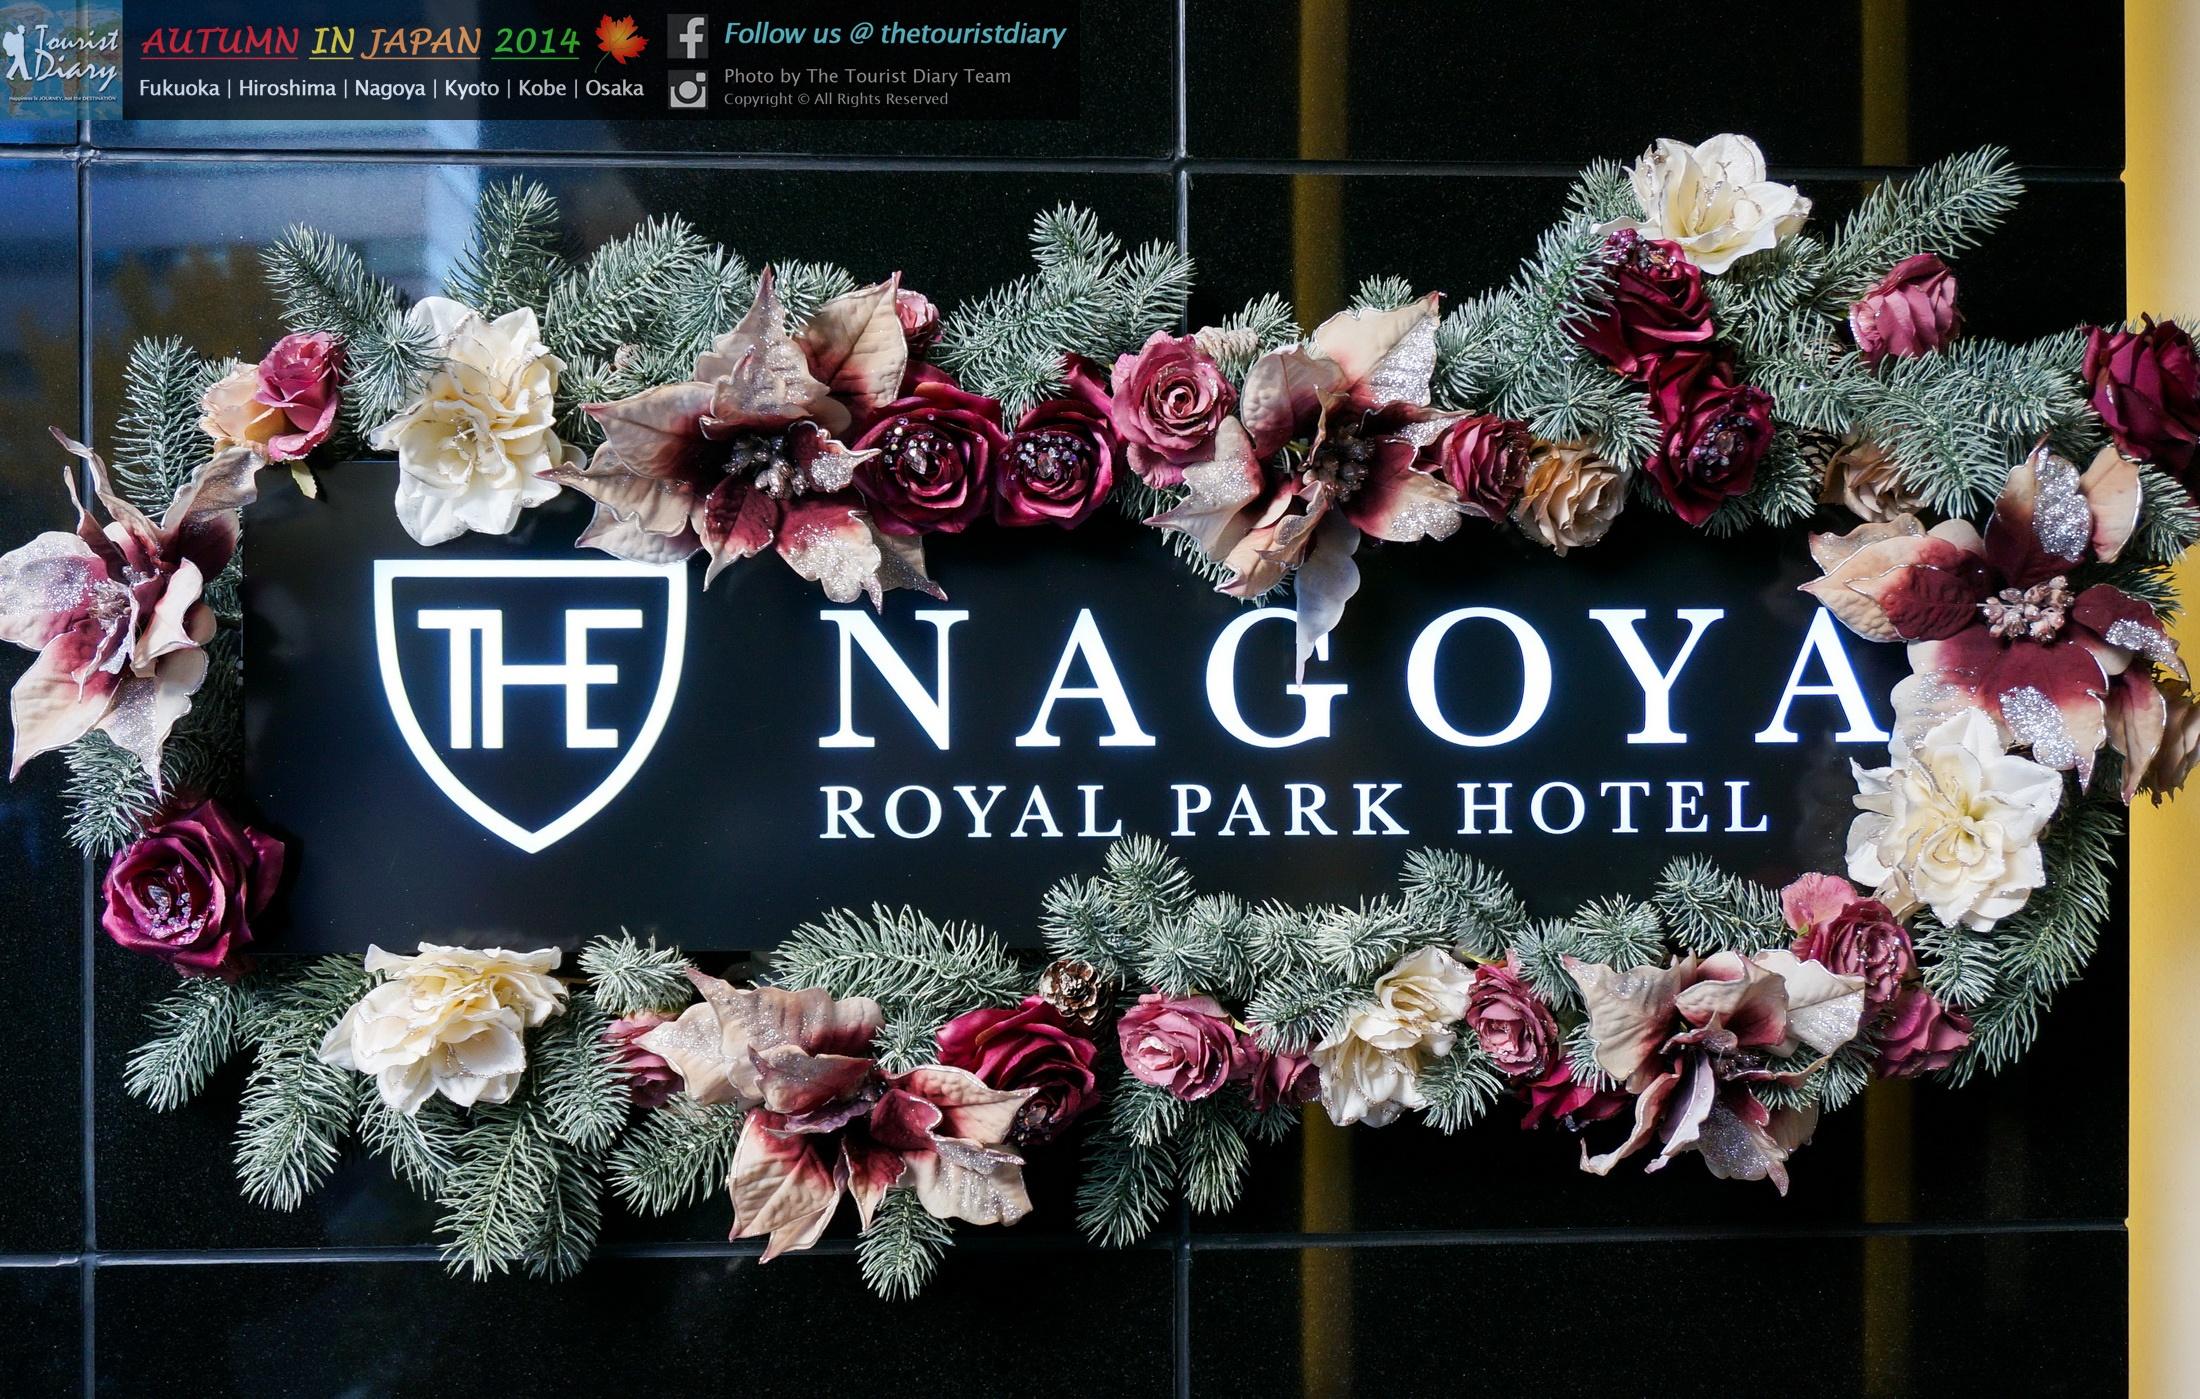 Nagoya | Royal Park Hotel The Nagoya